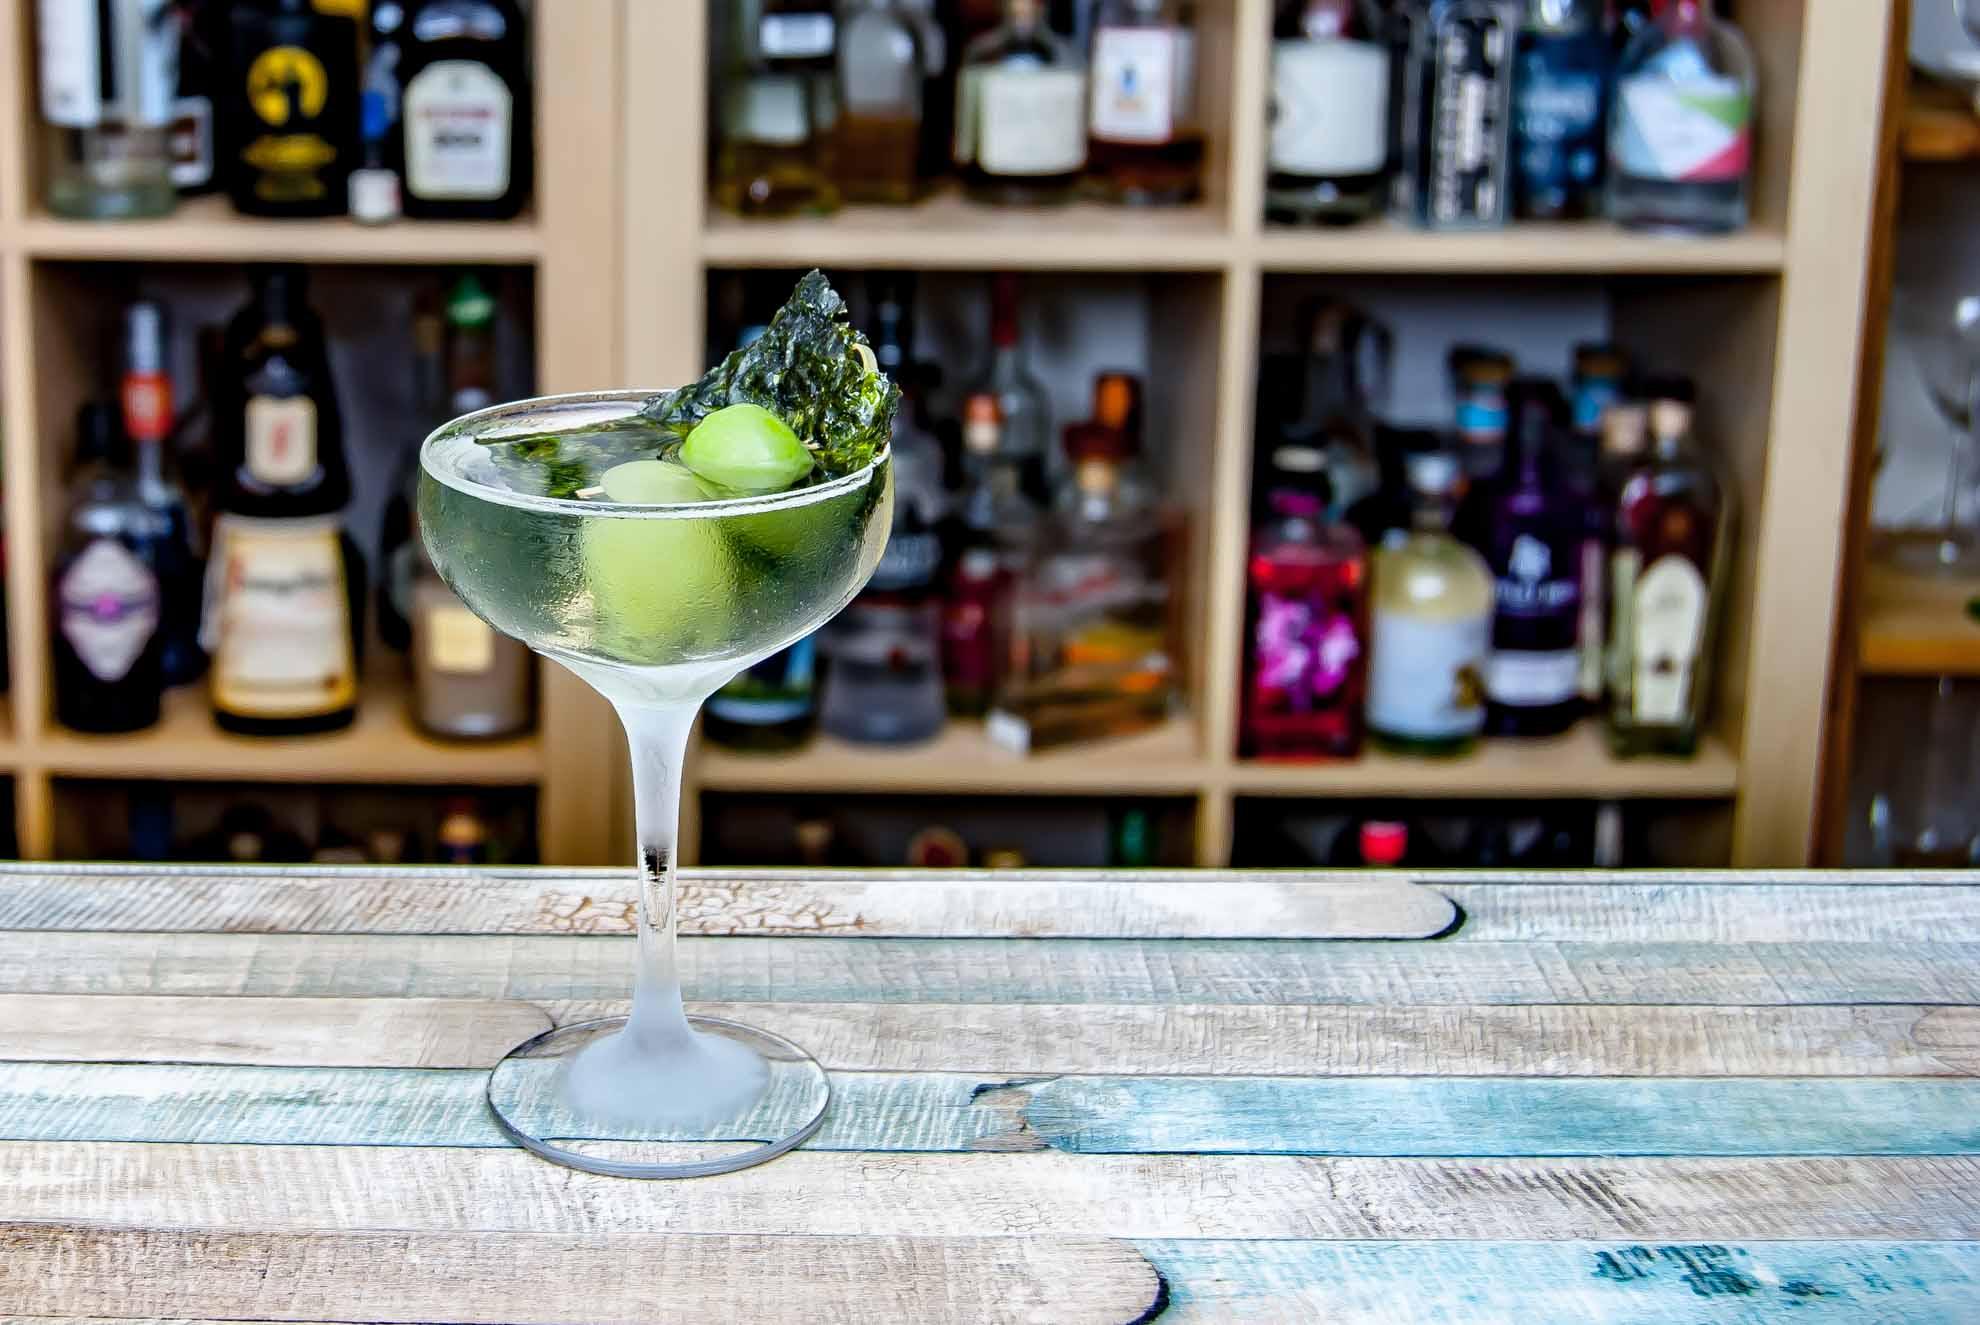 Ein Sake Martini mit Oliven und Nori-Alge - unsere bevorzugte Deko-Variante.